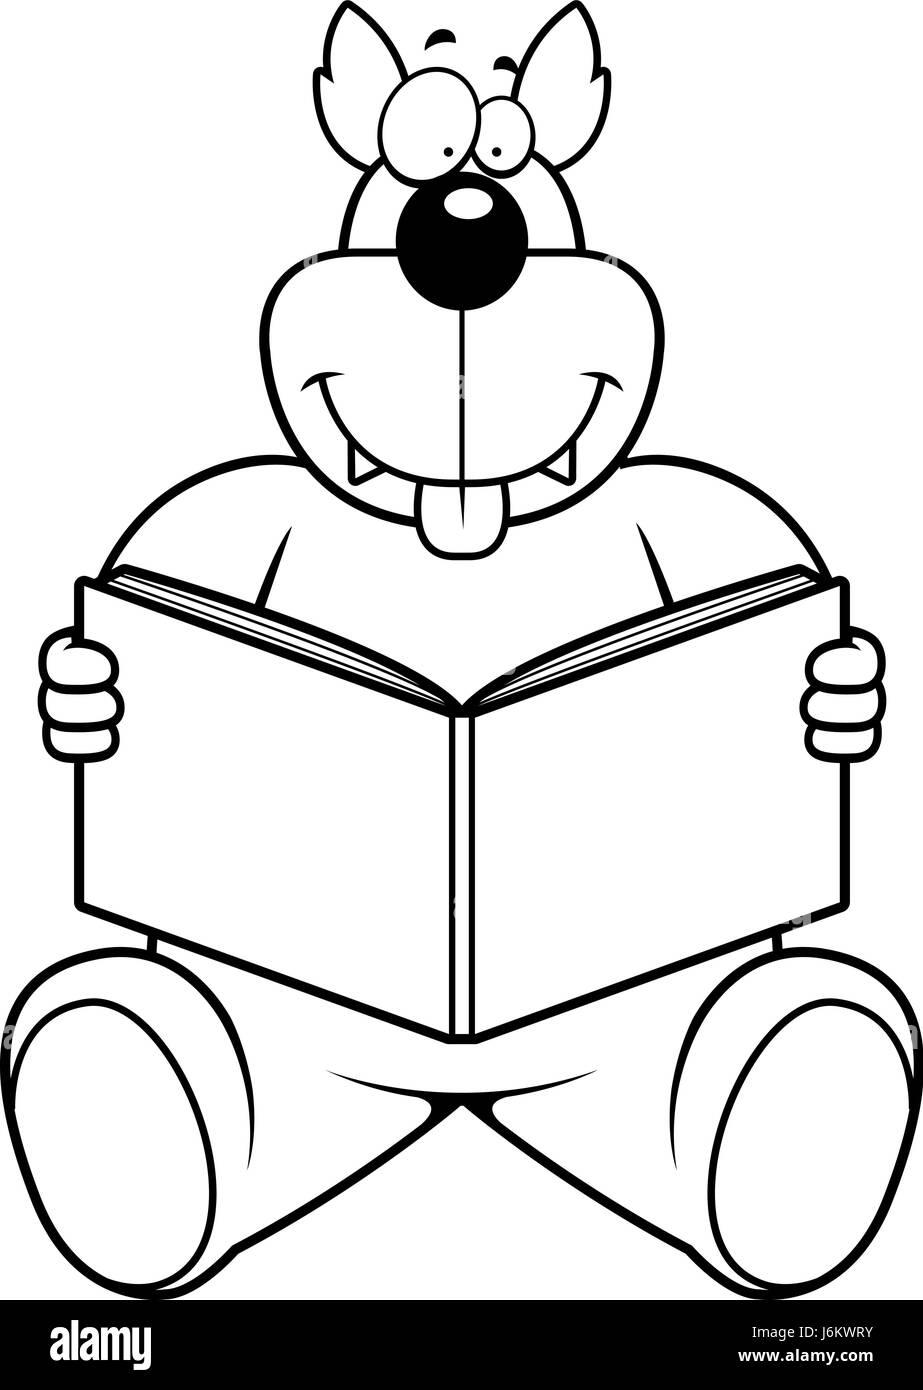 Un Loup De Dessin Anime La Lecture D Un Livre Et De Sourire